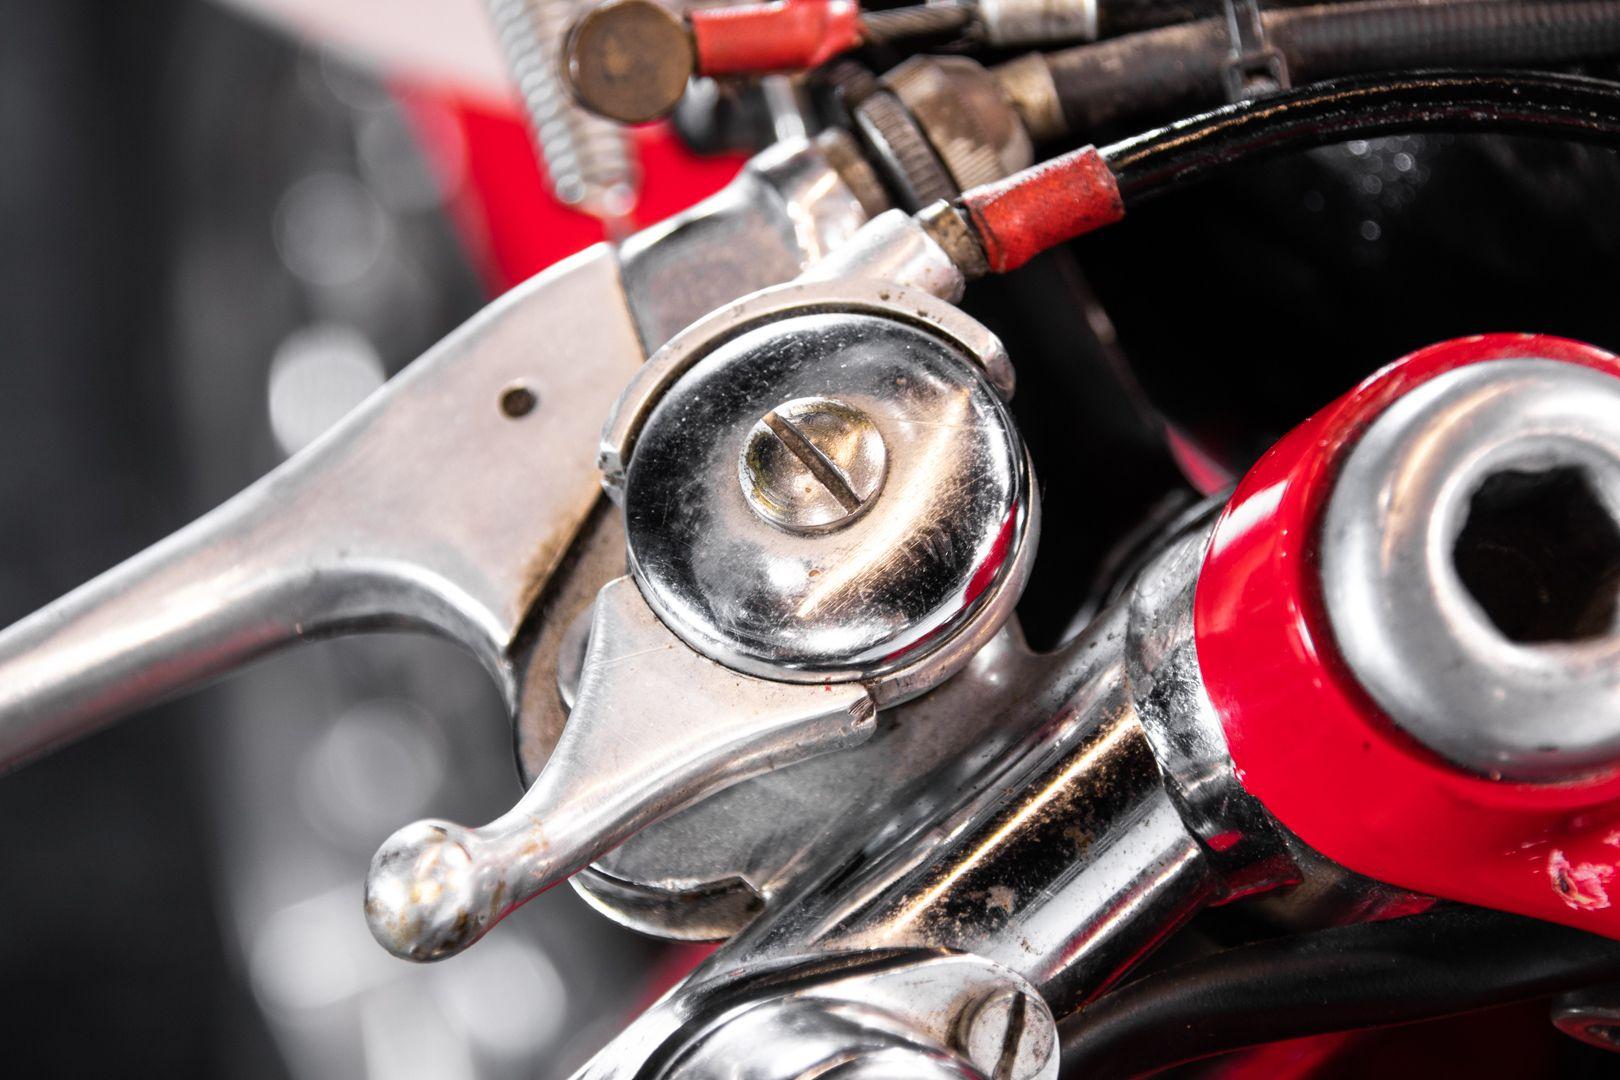 1955 Moto Morini Settebello Molle Cilindriche 175 78576